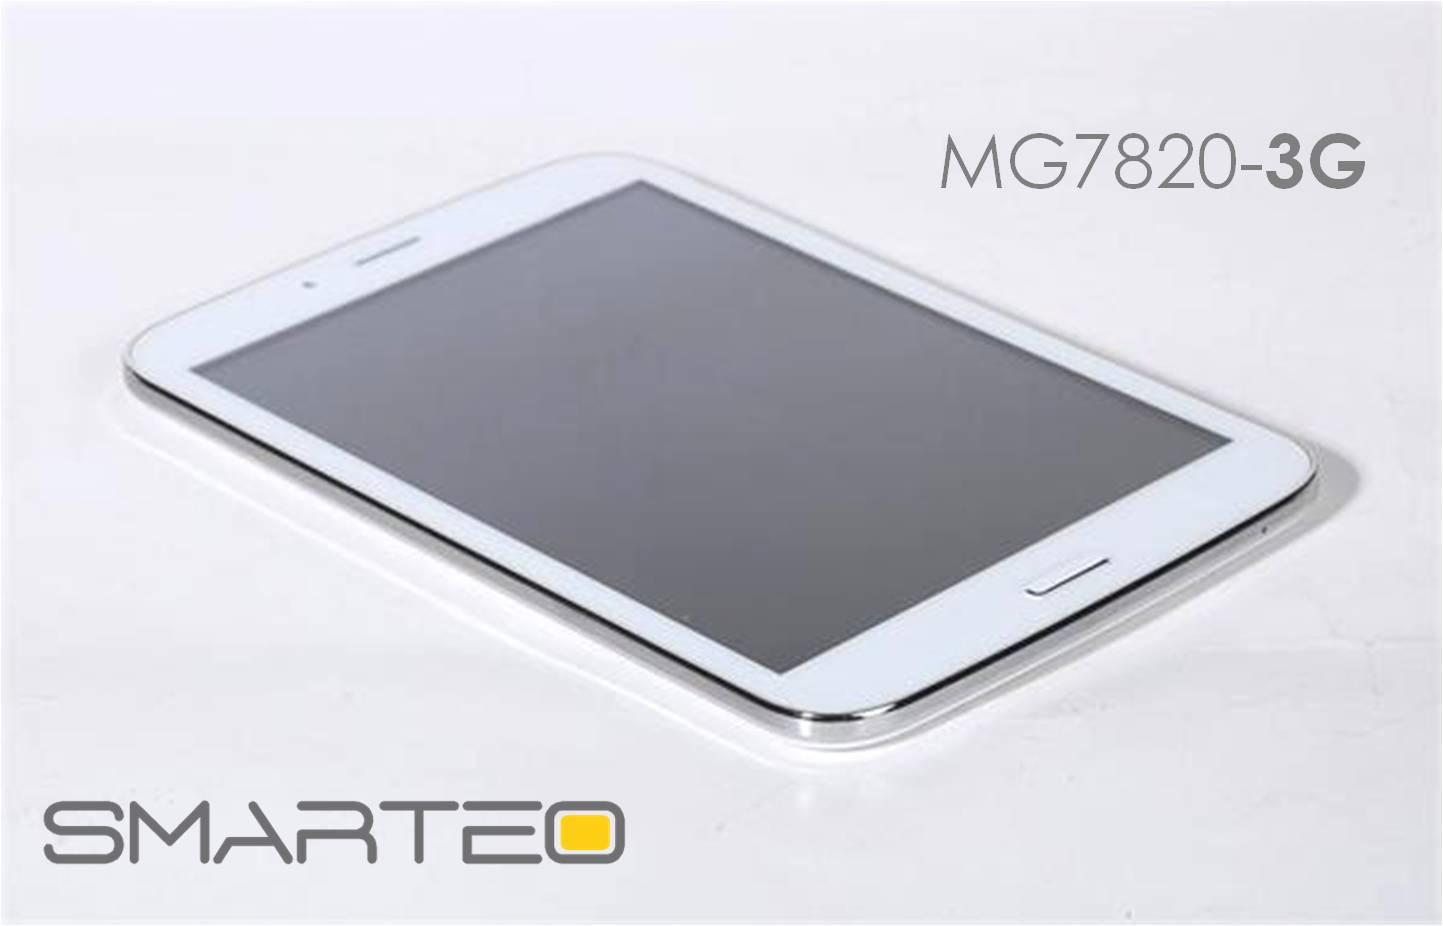 Προσφορά SaleTime - Tablet 3G-MG7820 - Ολοκαίνουργιο μοντέλο Tablet Smarteo MG-7820-3G 7,85 ιντσών- 8GB μνήμη, με 2πύρηνο επεξεργαστή 1,5GHZ, Τηλέφωνο και 3G, Βluetooth κ...